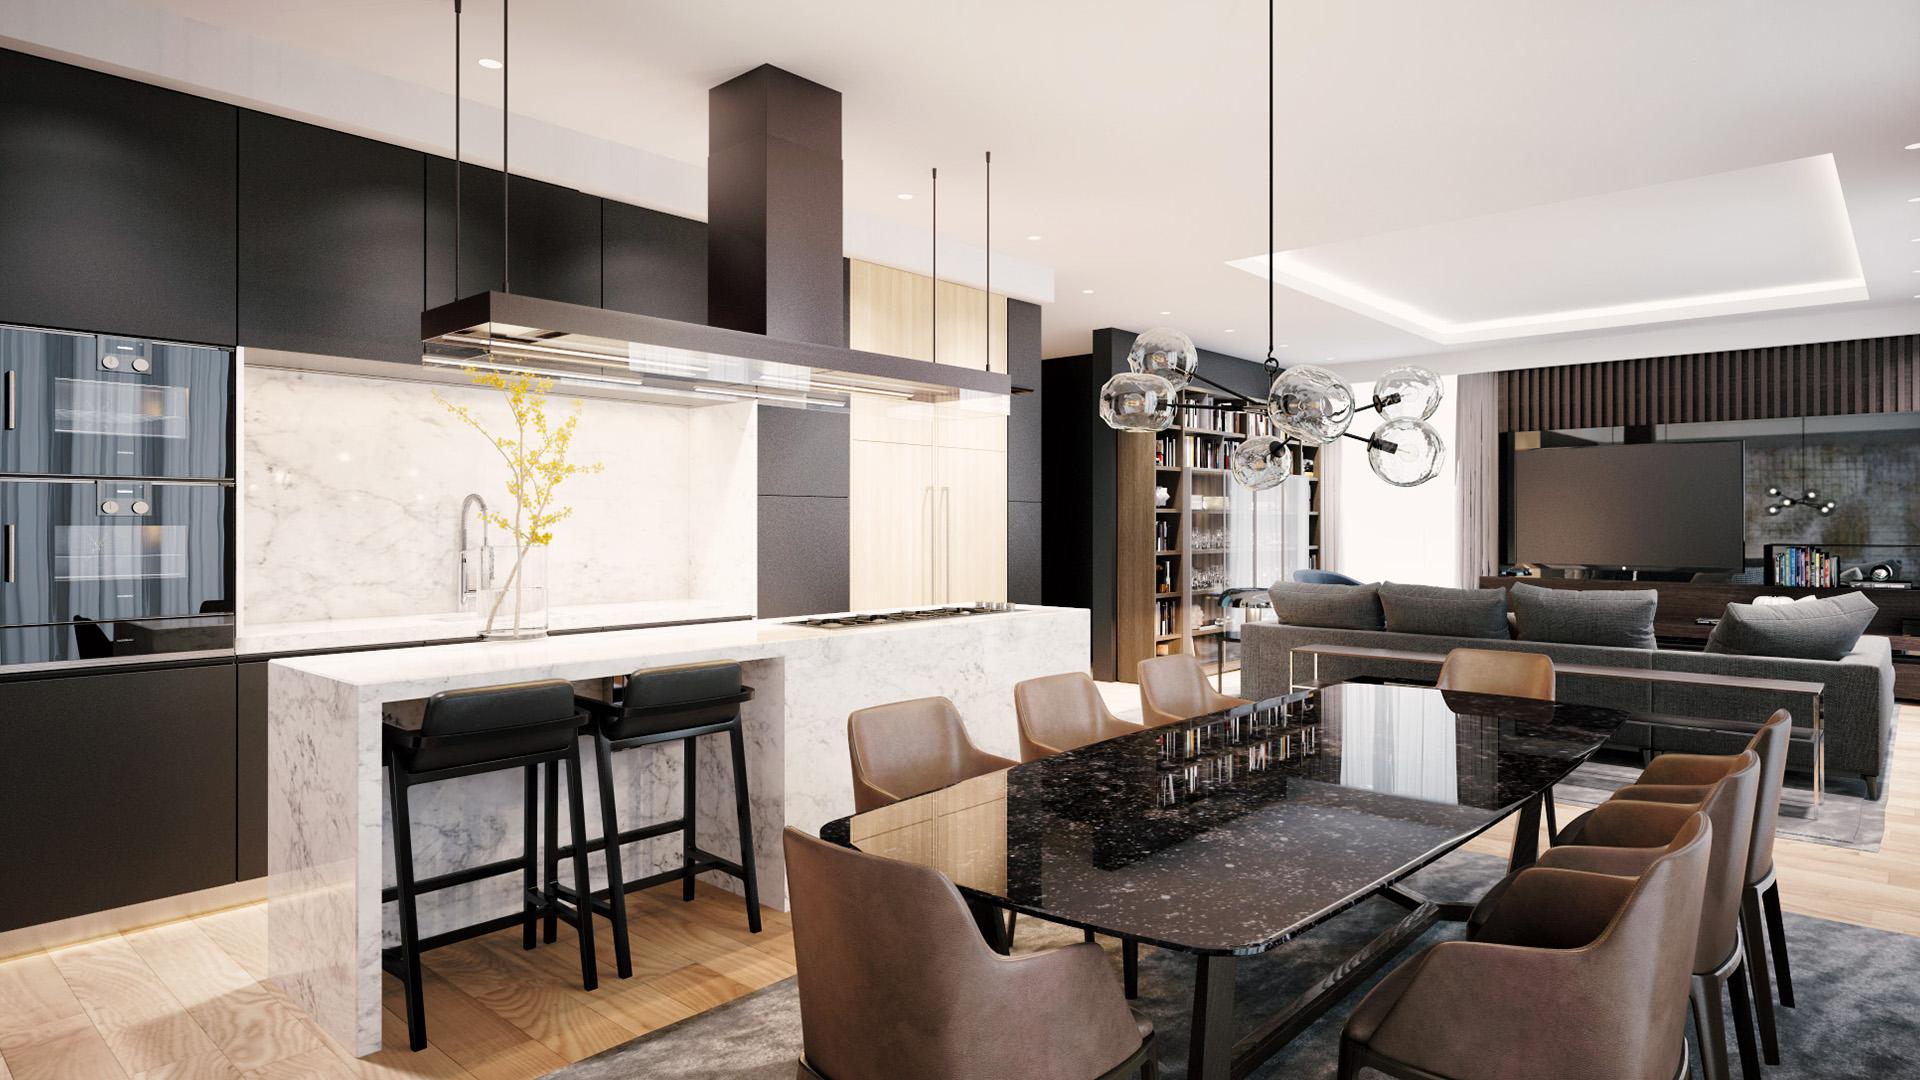 Trpezarija i dnevna soba - prodaja stanova u luksuznom stambenom kompleksu Green Hill Dedinje.